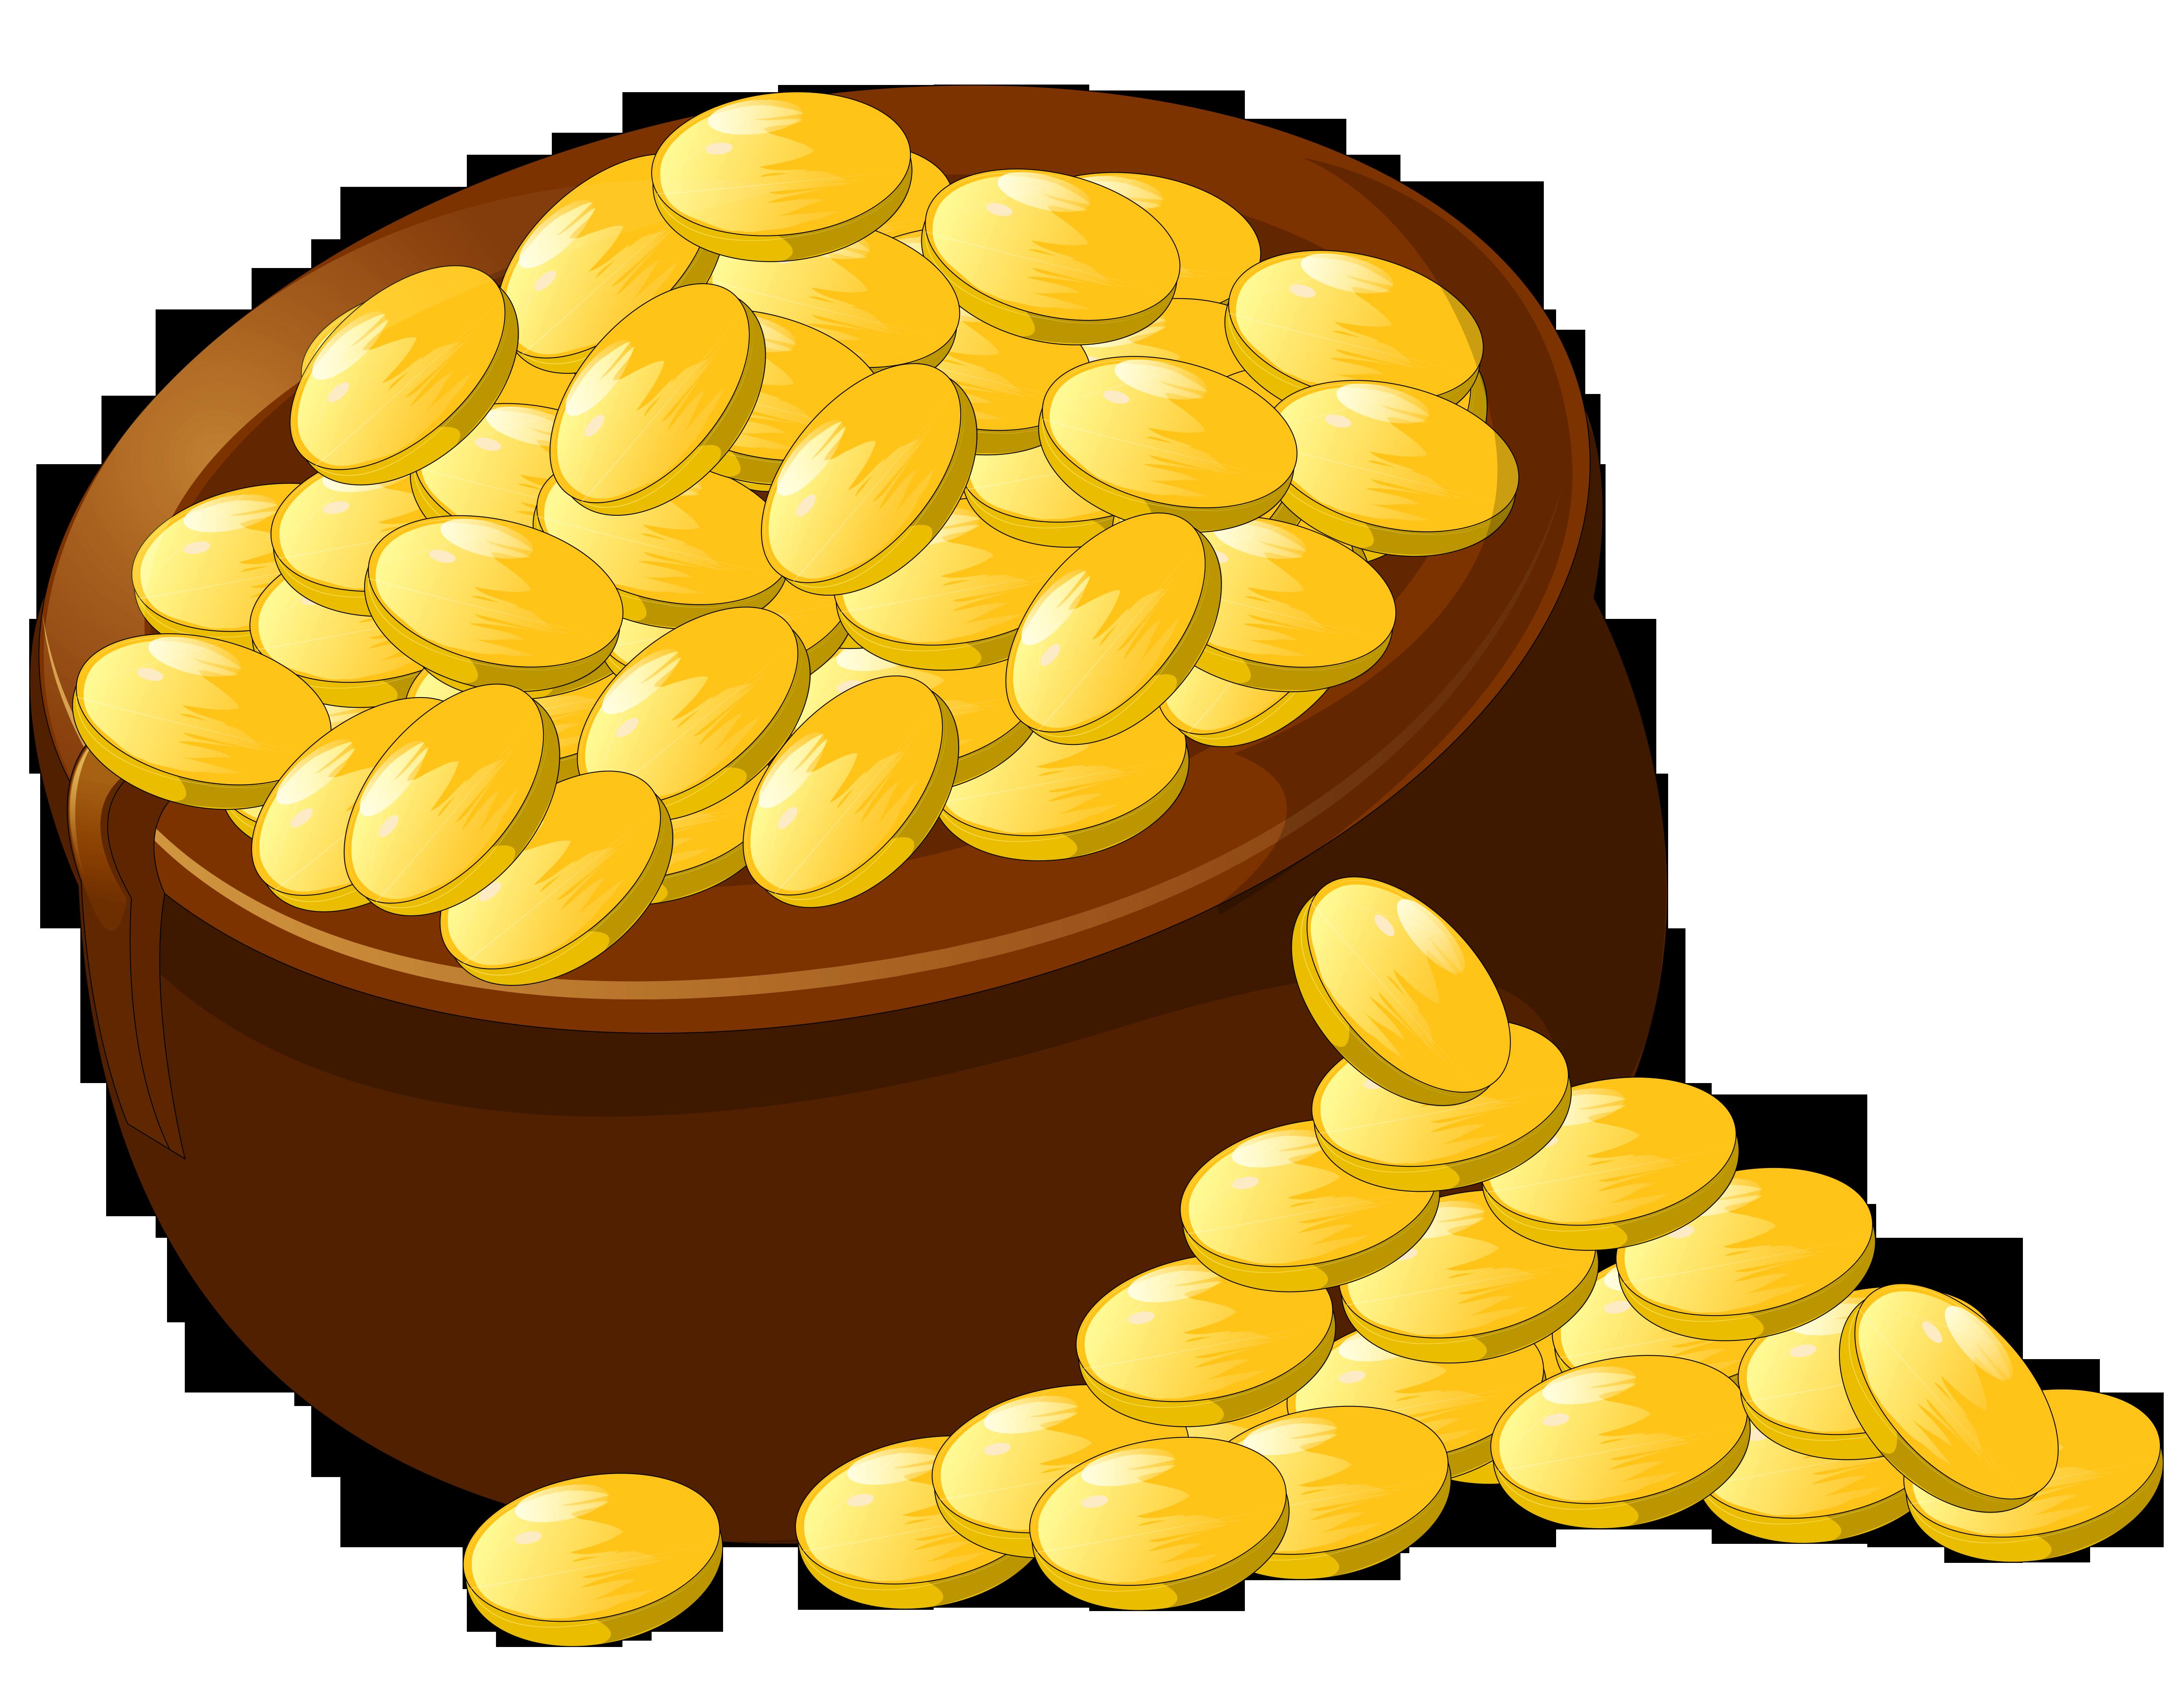 Transparent pot of gold. Treasure clipart golden